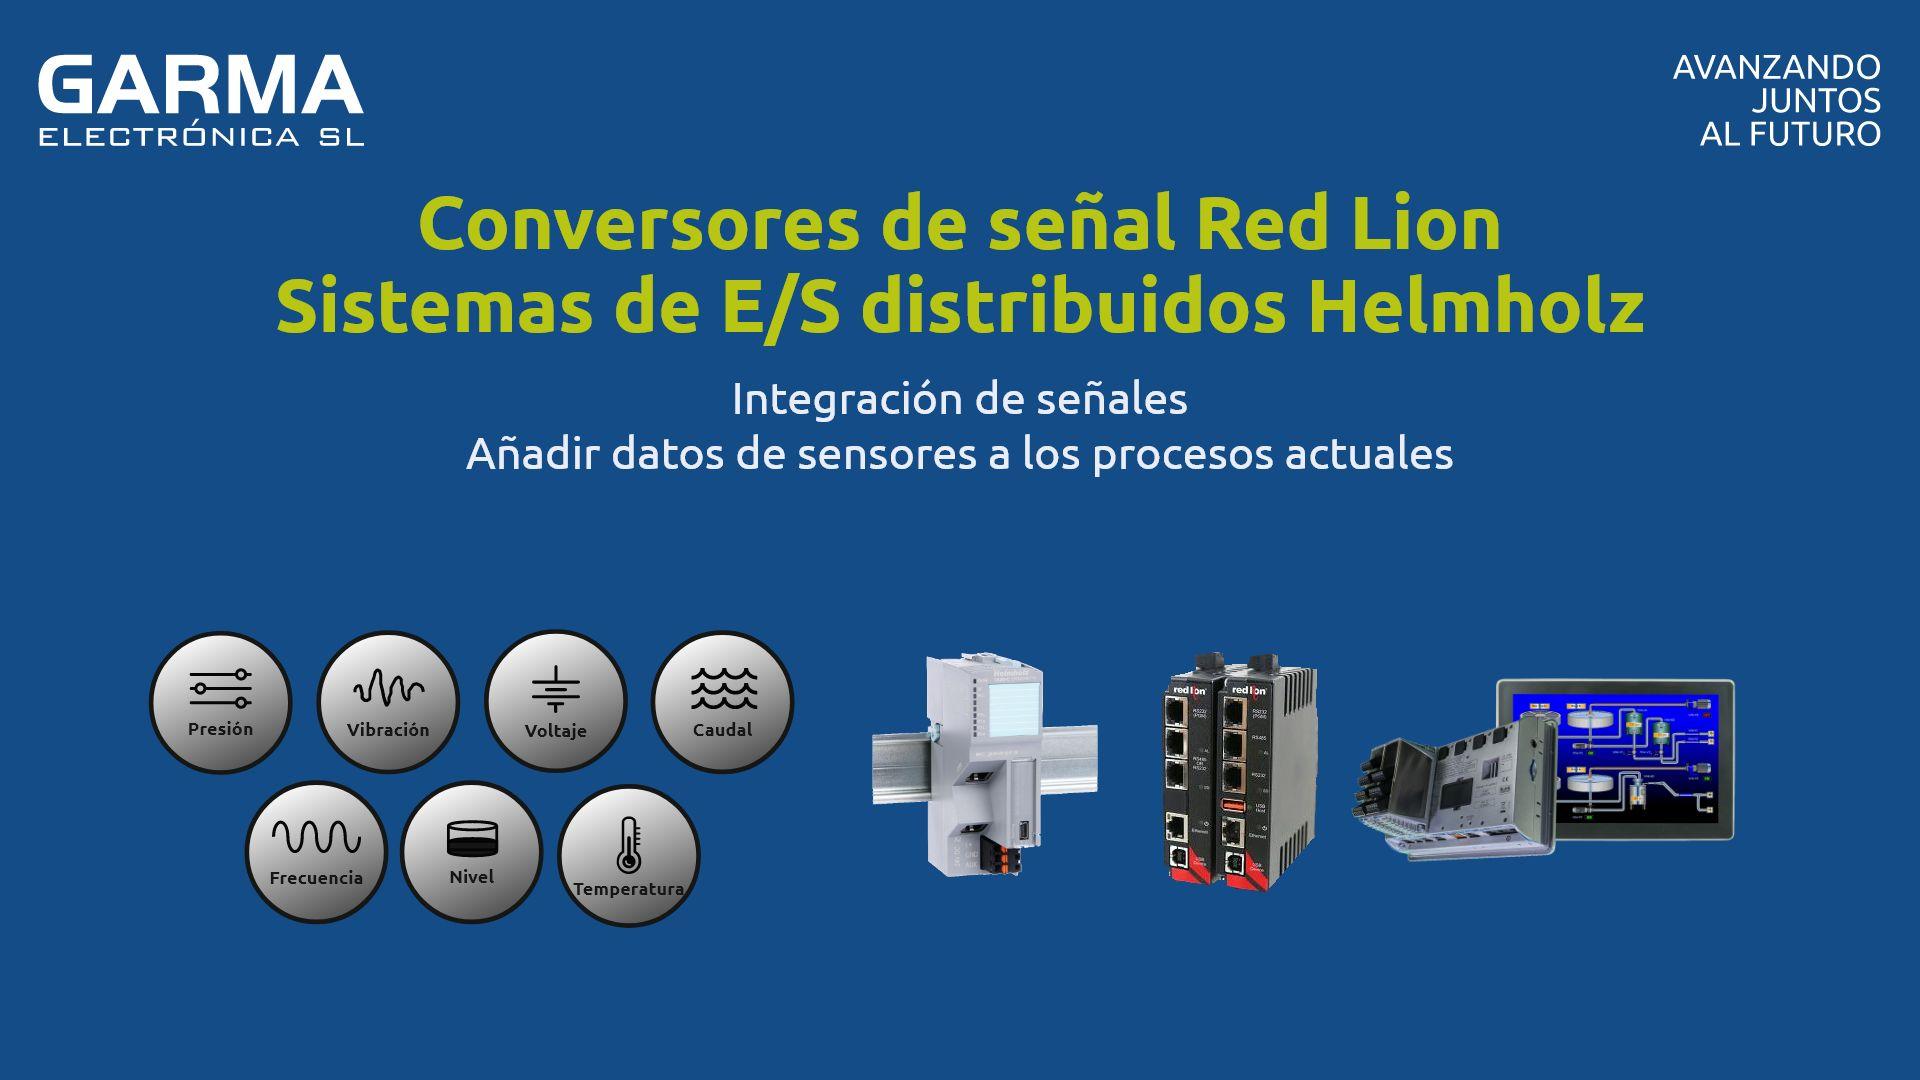 Conversores de señal Red Lion Sistemas de E/S distribuidos Helmholz